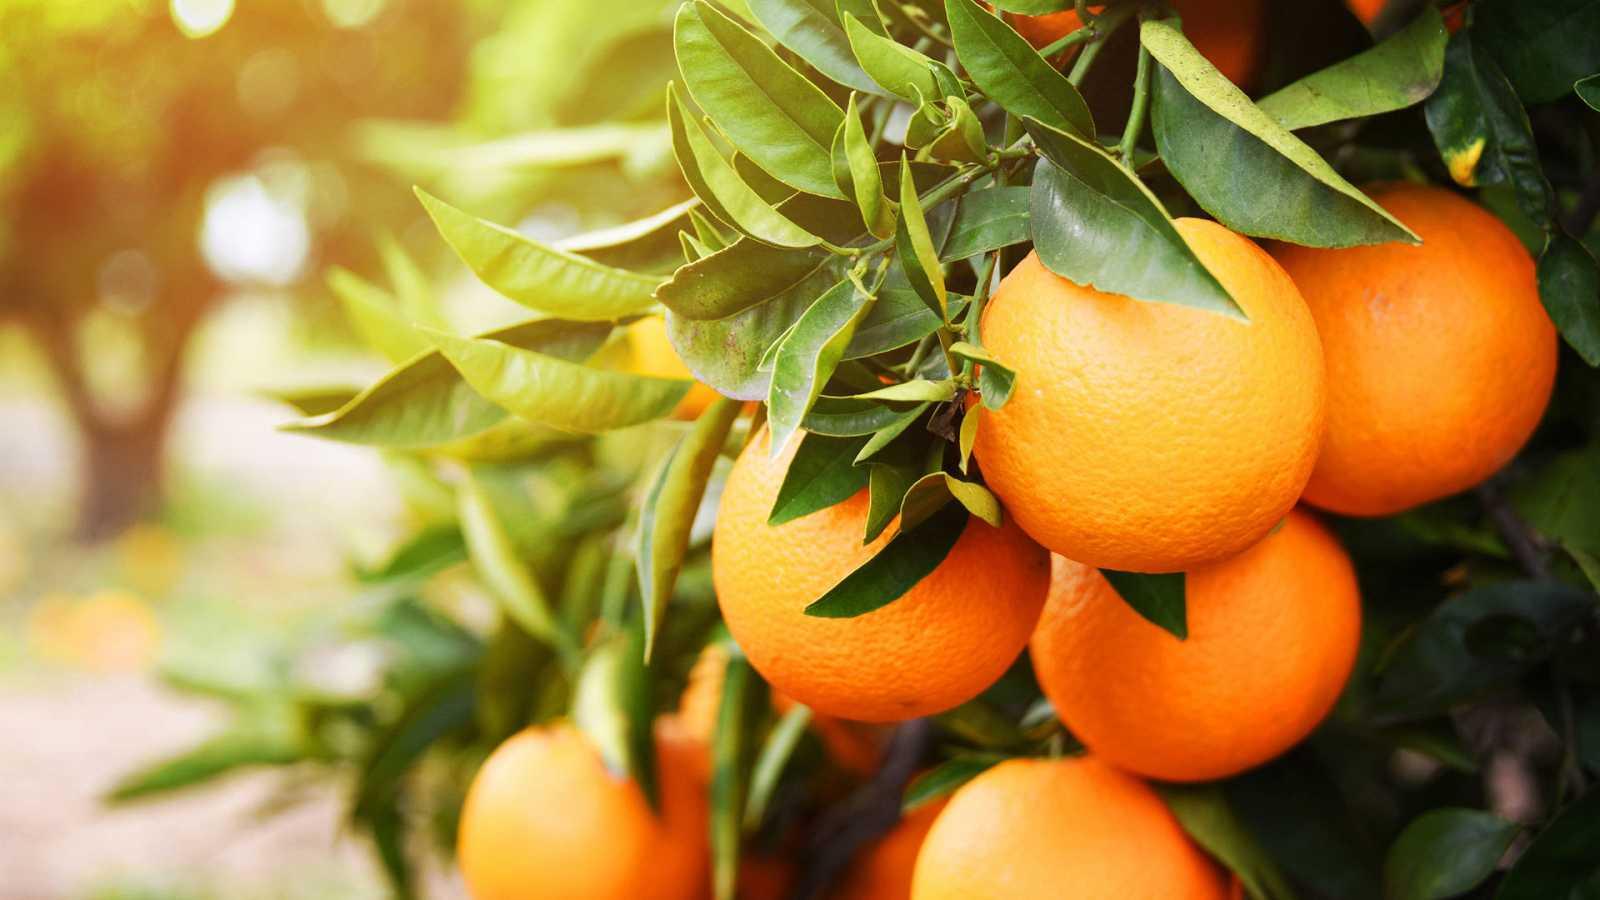 Imagen. Las naranjas podrían reducir la obesidad